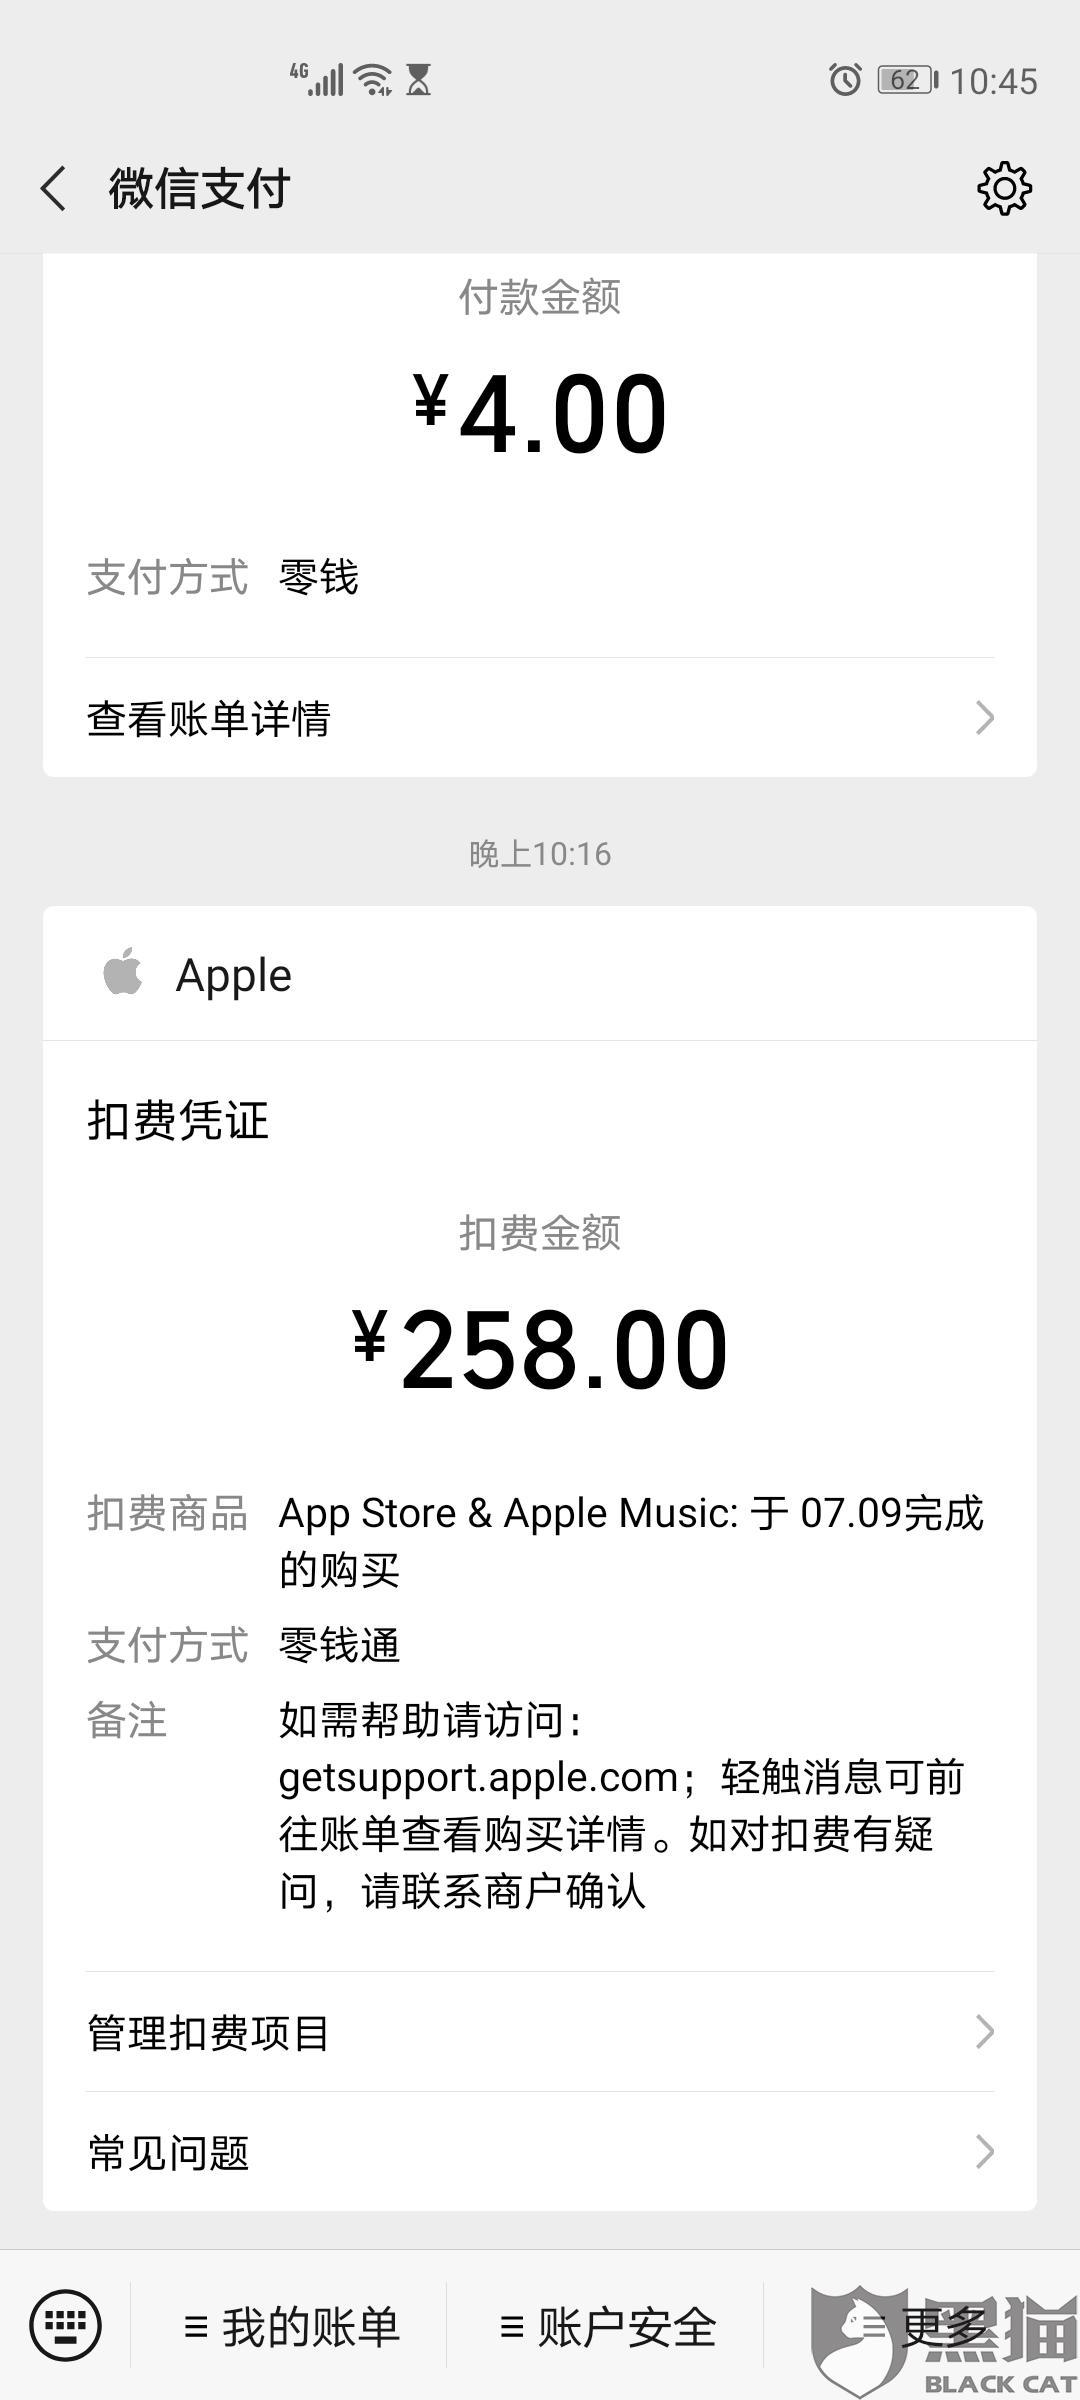 黑猫投诉:app store扣除了我258元 说是购买 但我并不知情 希望能退款